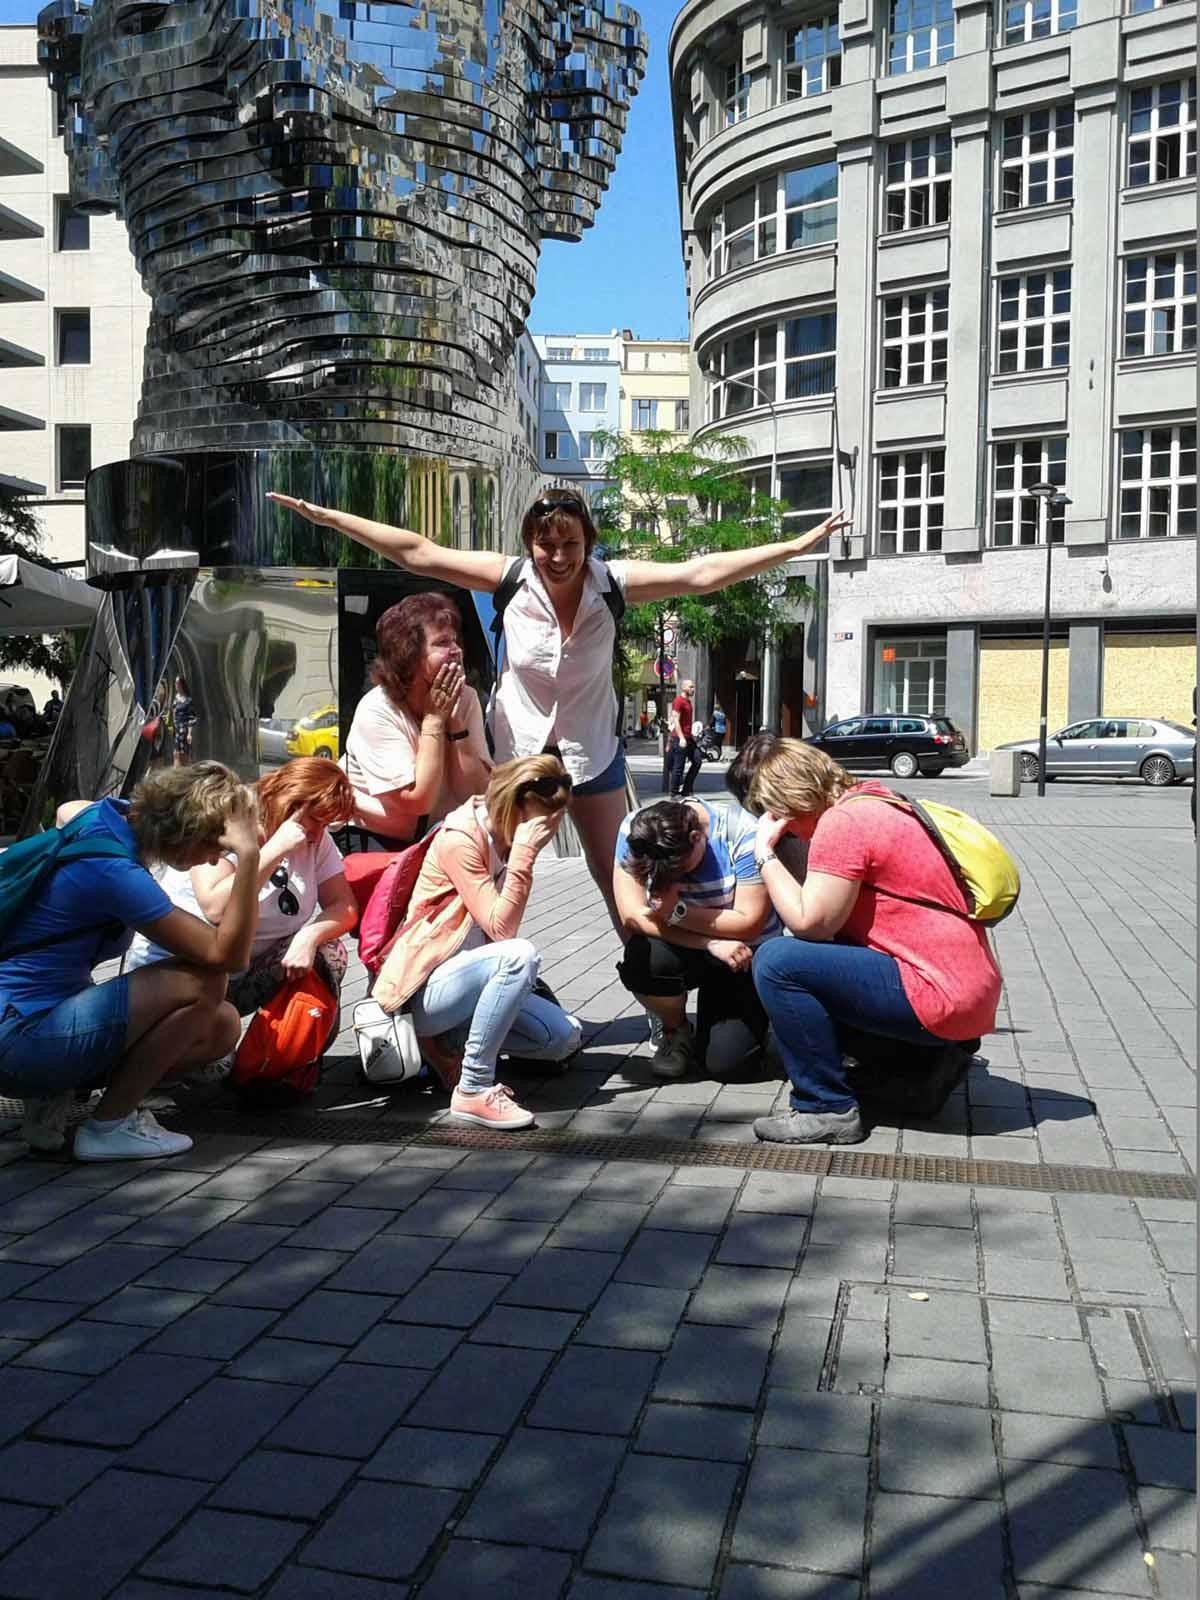 Účastníci při zábavě během teambuildingového programu, který jsme zorganizovali v Praze